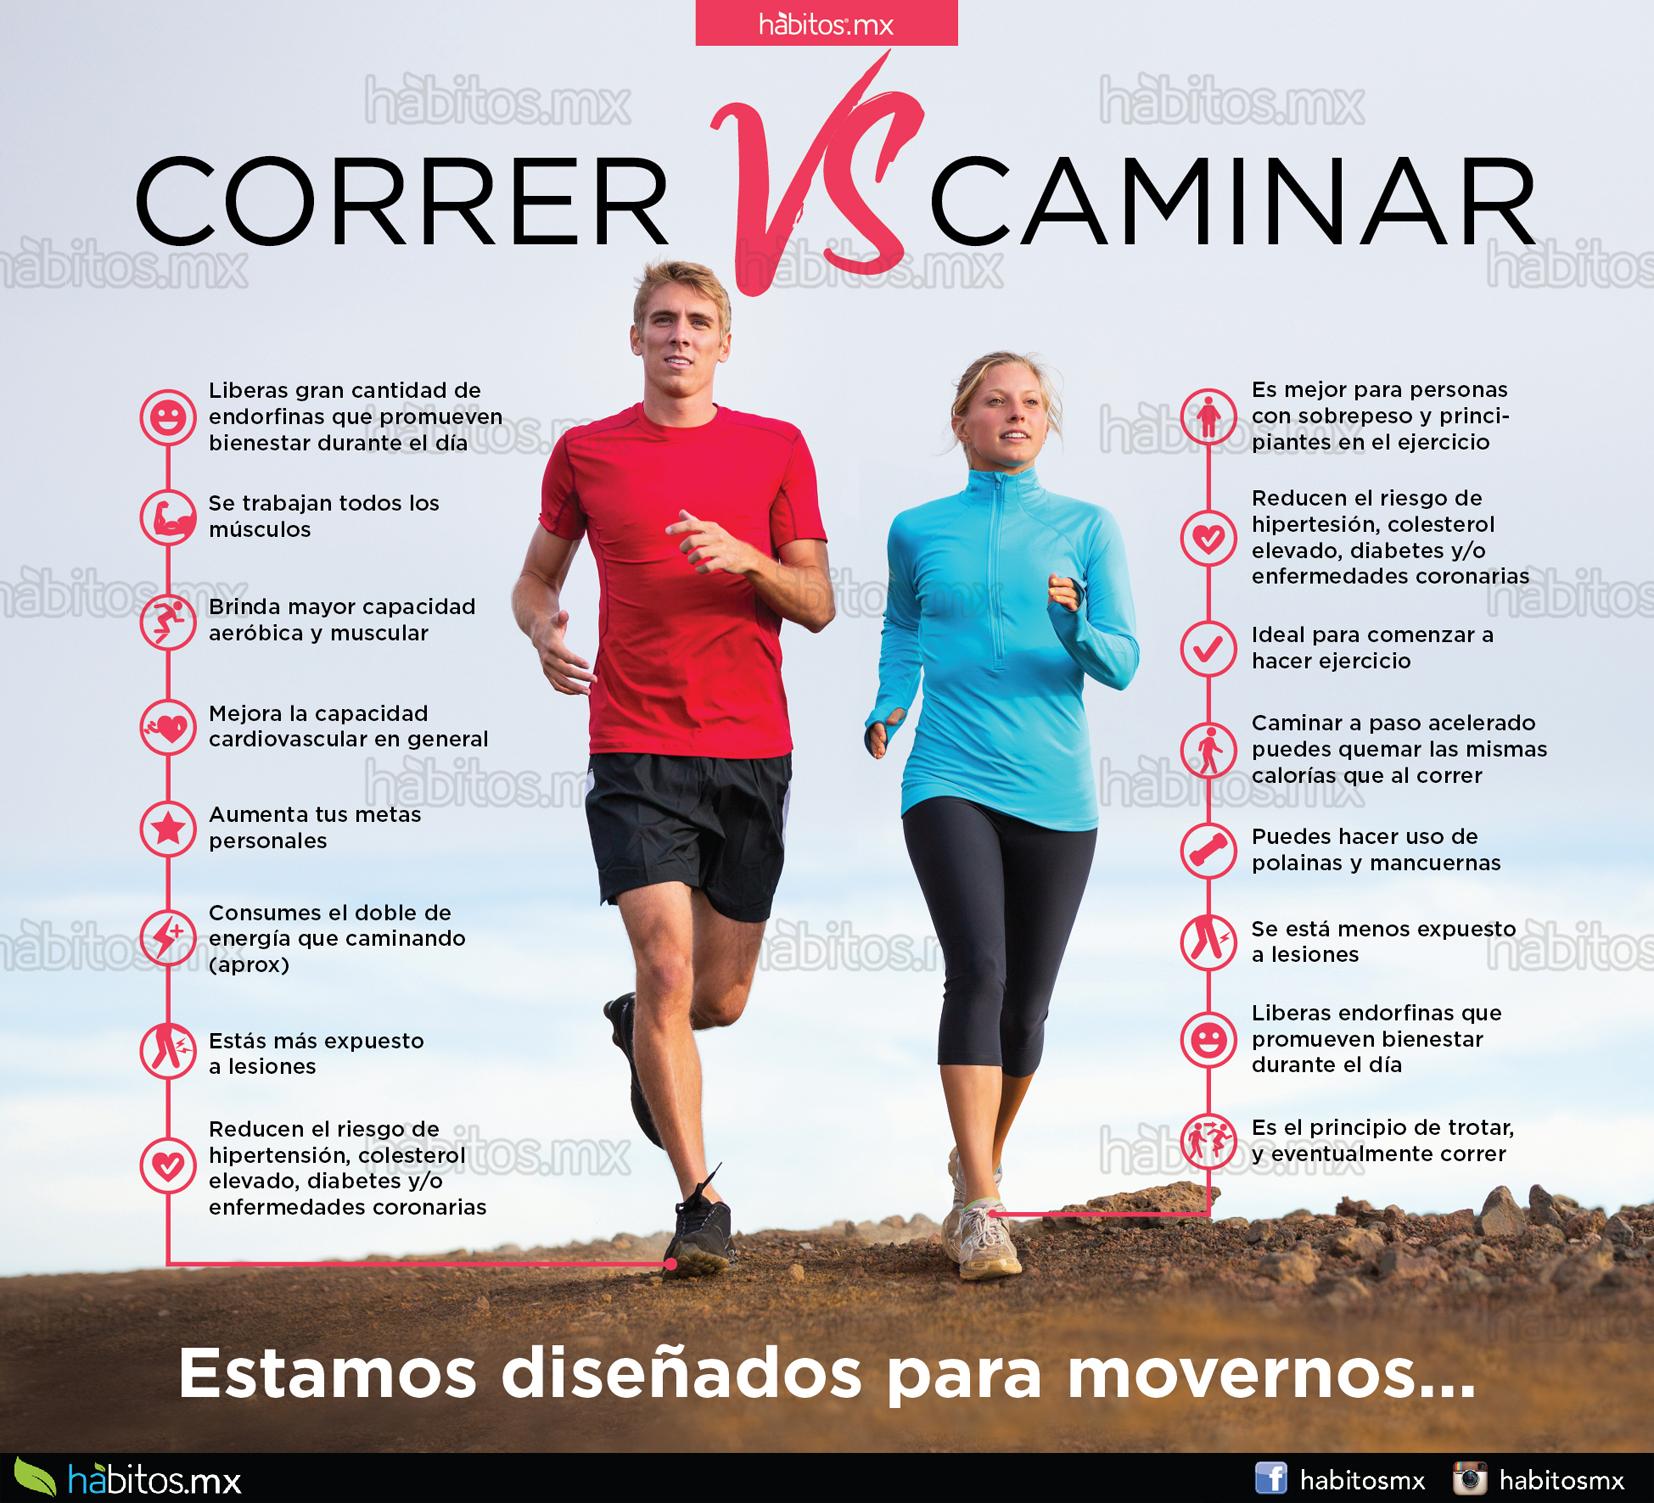 Hábitos Health Coaching   Correr vs Caminar